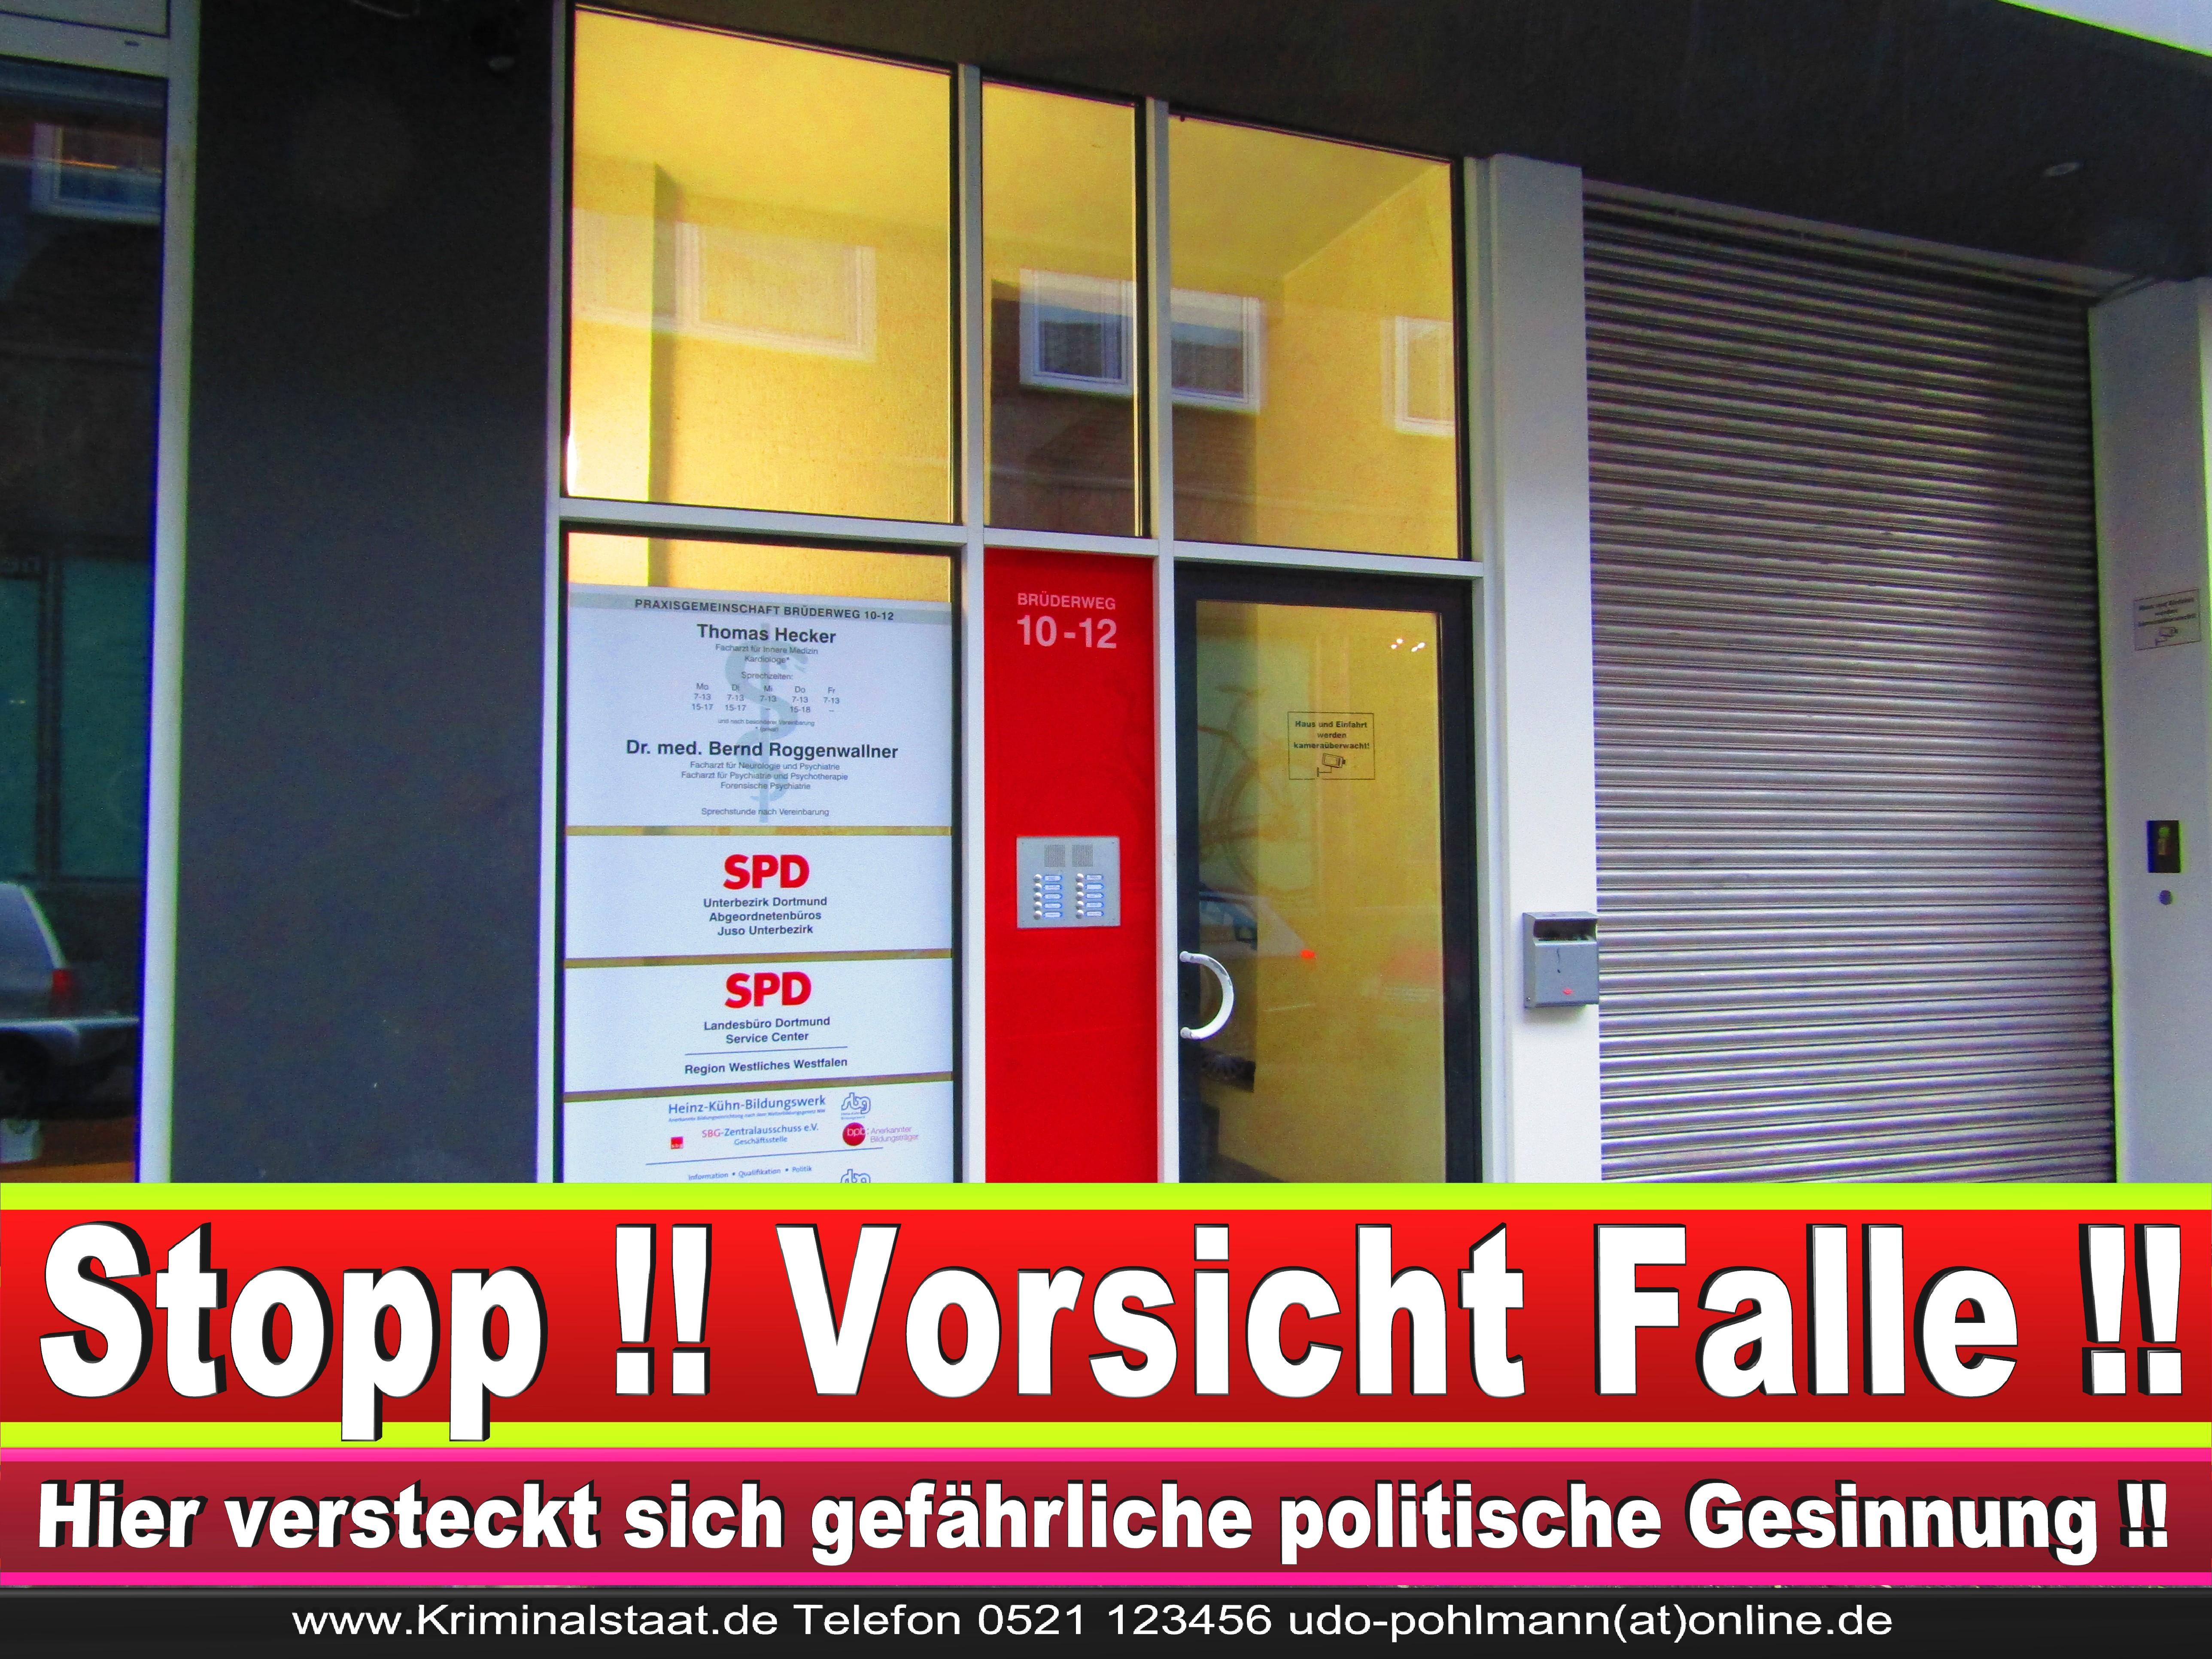 SPD DORTMUND UNTERBEZIRK BüRGERBüRO SPD ORTSVERBAND RAT STADT RATSMITGLIEDER SPD FRAKTION SPD NRW ADRESSE (18) 1